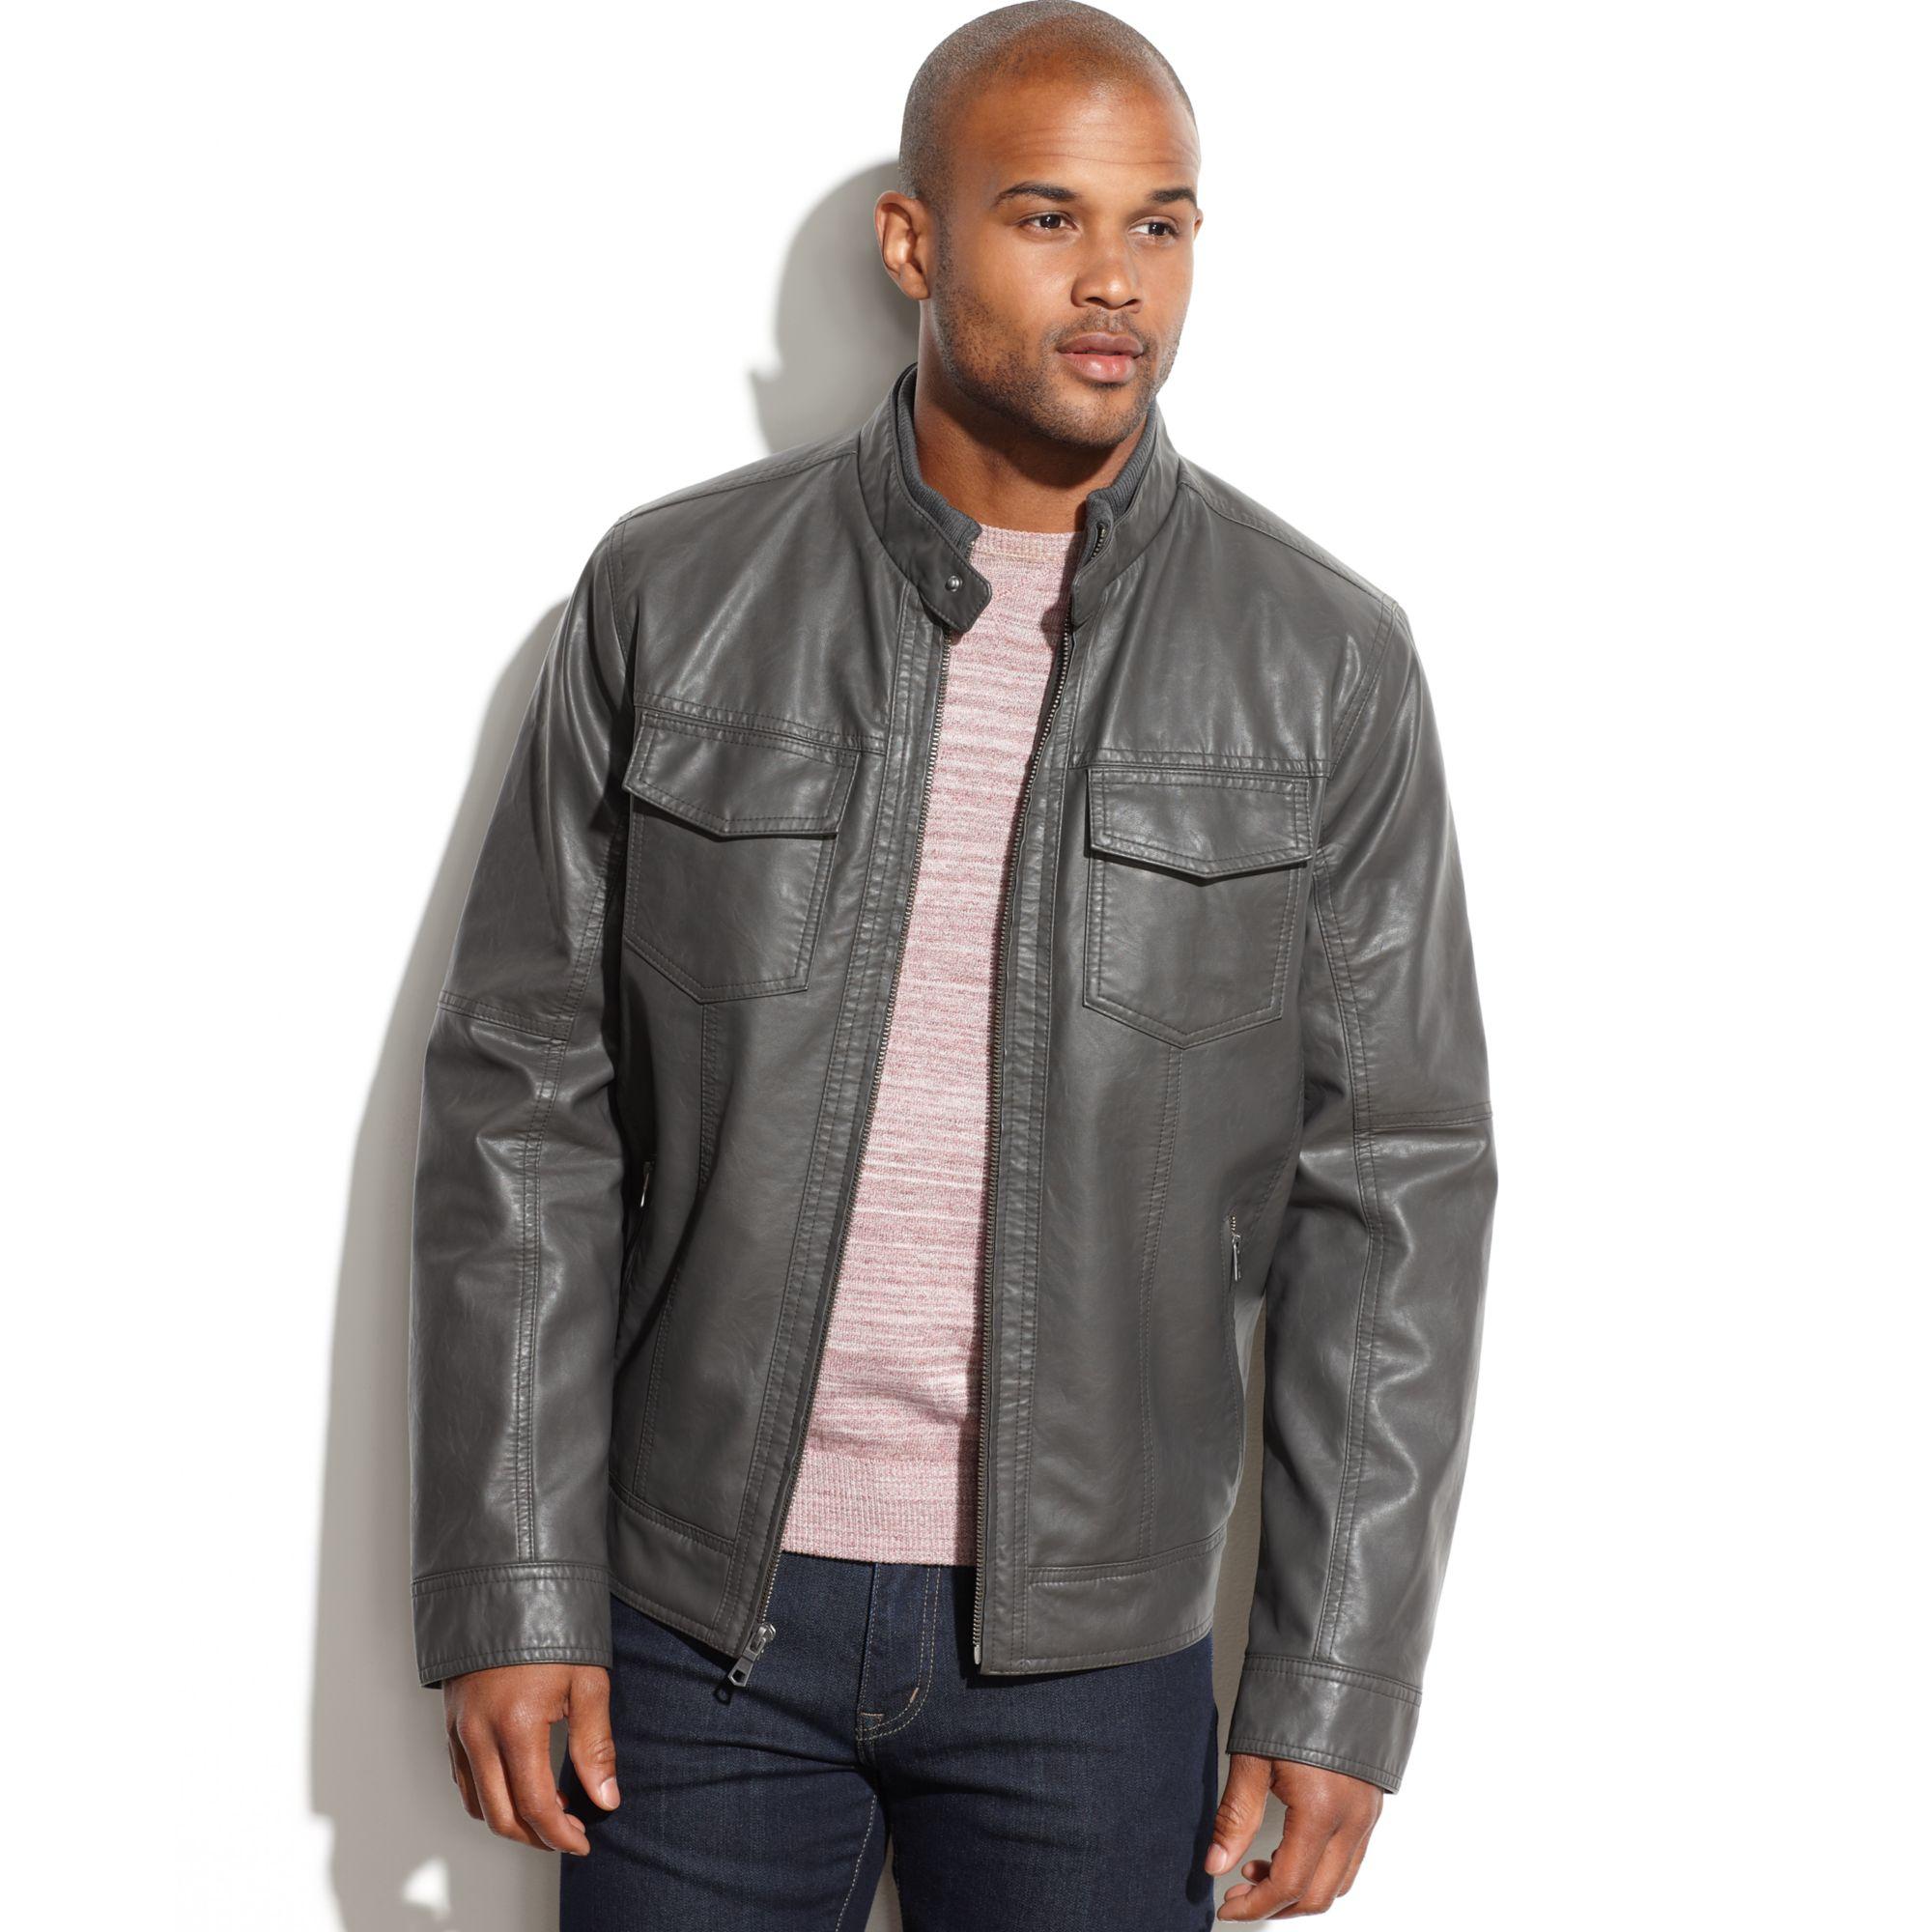 tommy hilfiger faux leather moto jacket in gray for men. Black Bedroom Furniture Sets. Home Design Ideas